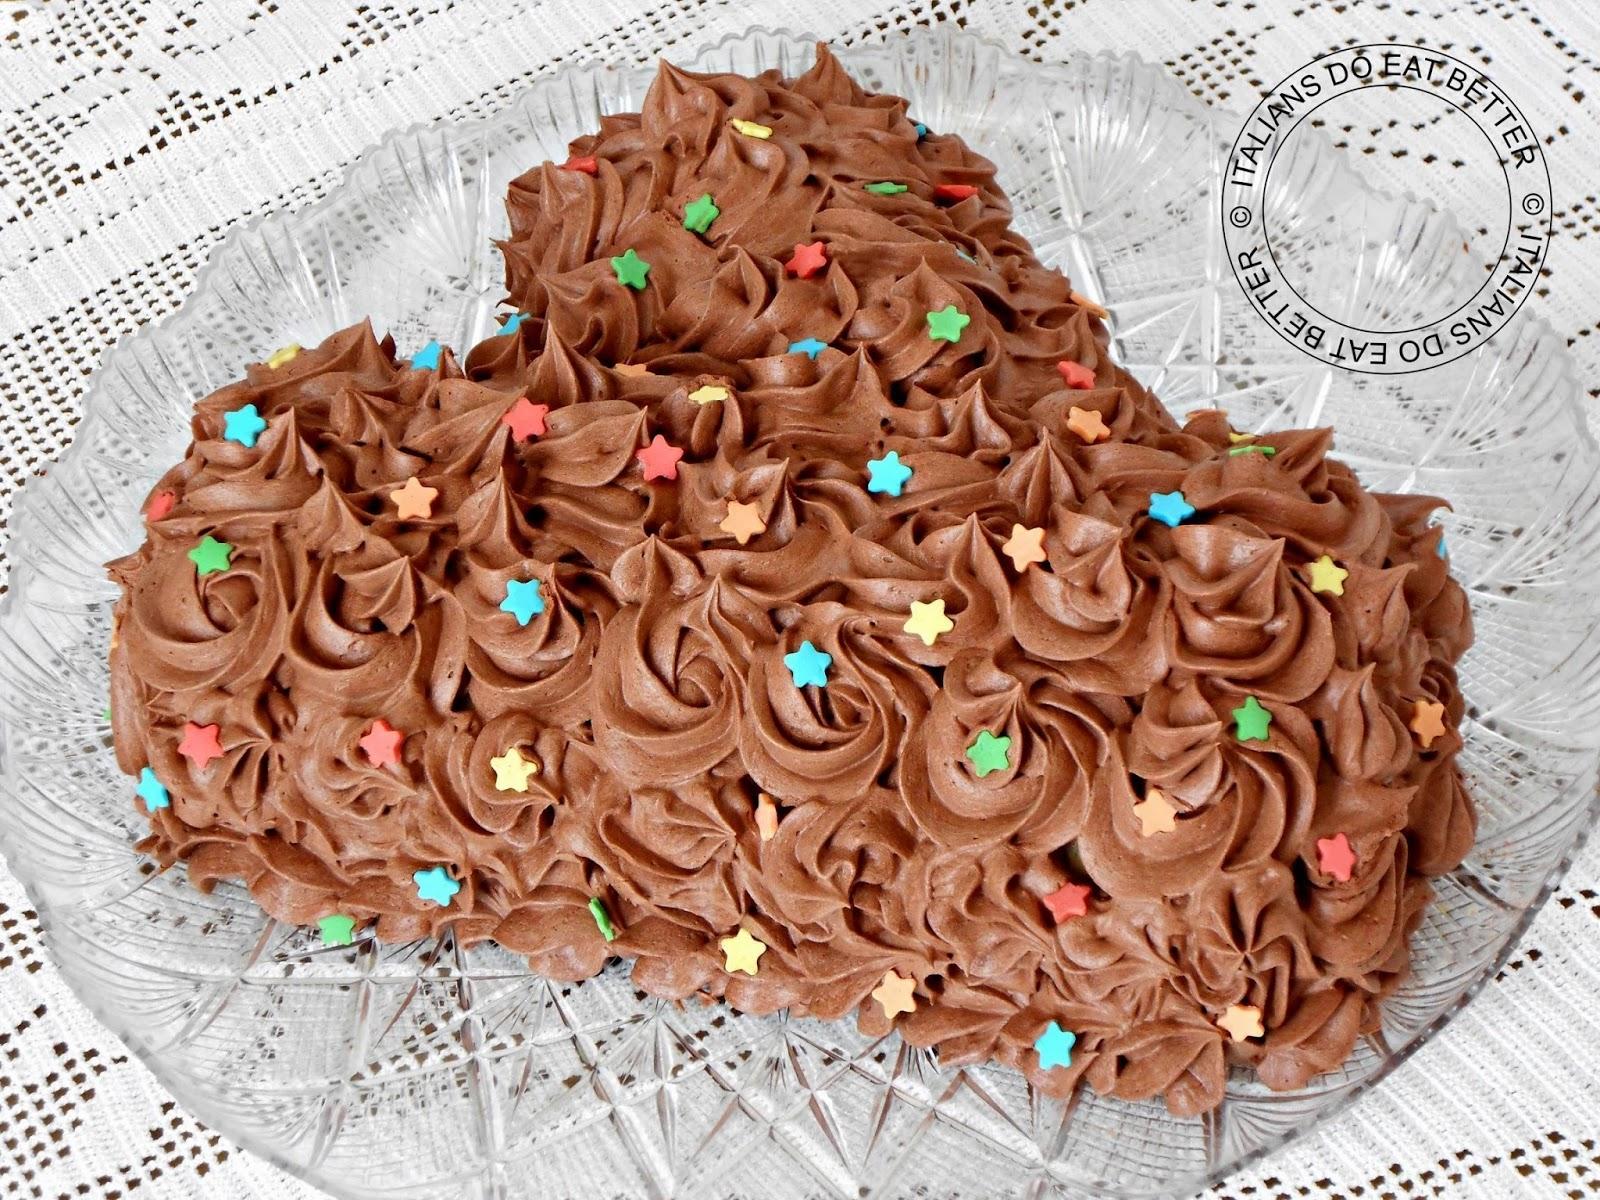 Tronchetto Di Natale Originale.Tronchetto Di Natale Al Baileys Italians Do Eat Better